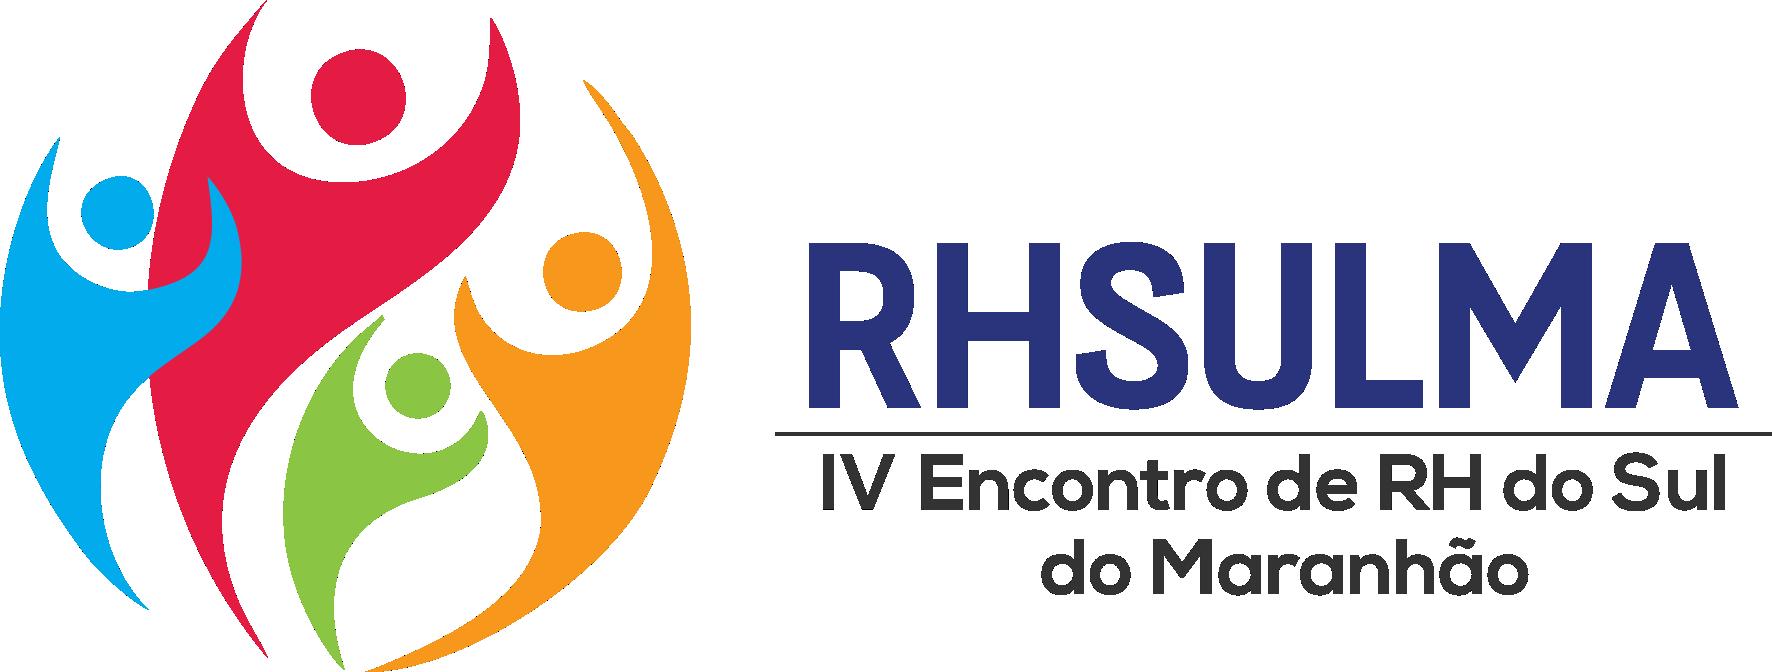 ENCONTRO DE RH